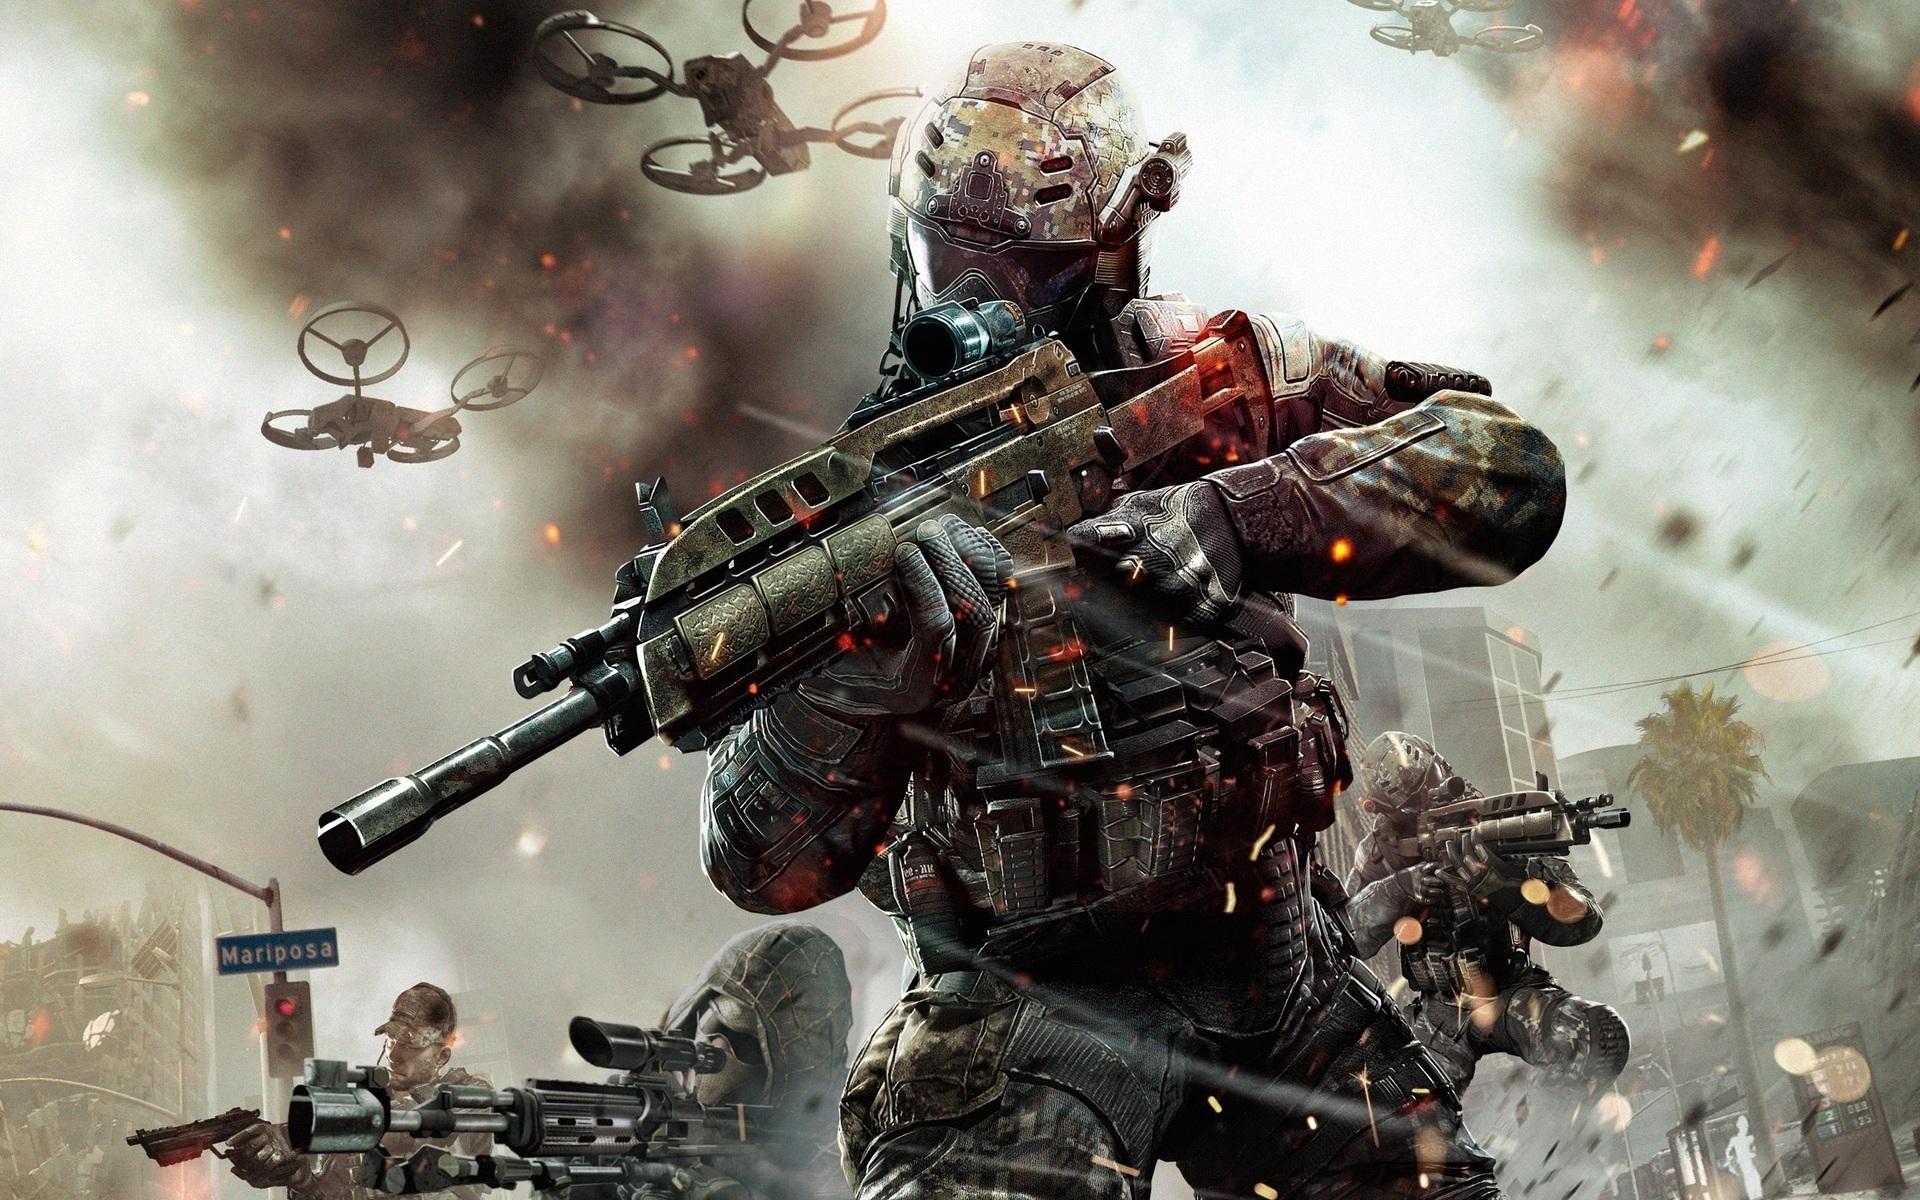 27631 Hintergrundbild herunterladen Spiele, Call Of Duty (Cod) - Bildschirmschoner und Bilder kostenlos